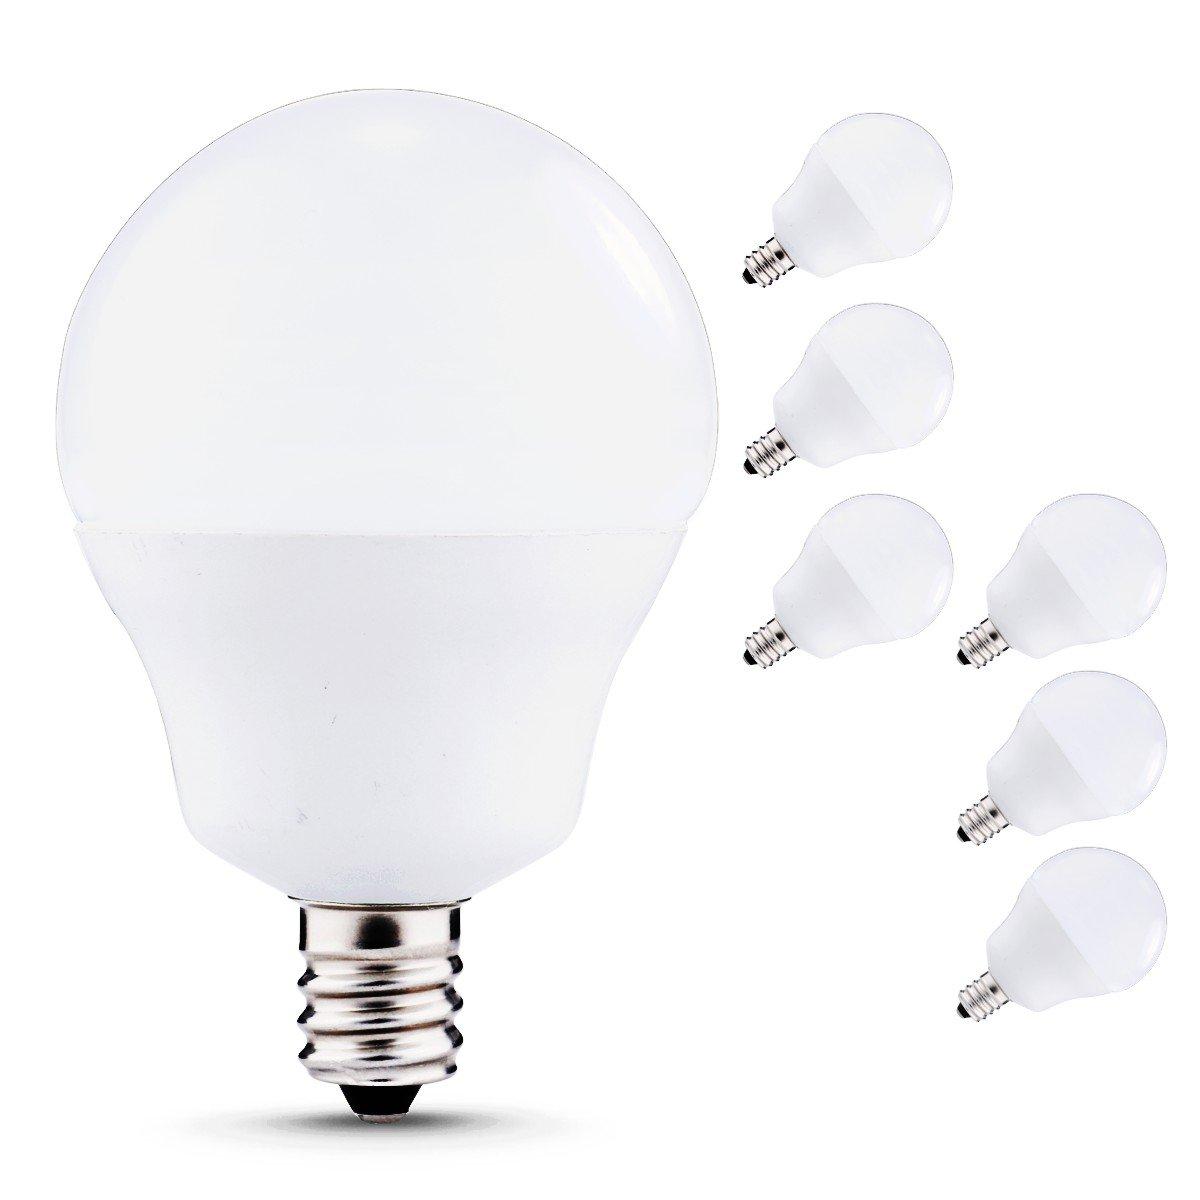 JCase LED Globe Light Bulbs Candelabra Base, 5W (40W Incandescent  Equivalent), 450lm, Natural Daylight White (4000K), LED Bulbs for Ceiling  Fan, ... - JCase LED Globe Light Bulbs Candelabra Base, 5W (40W Incandescent